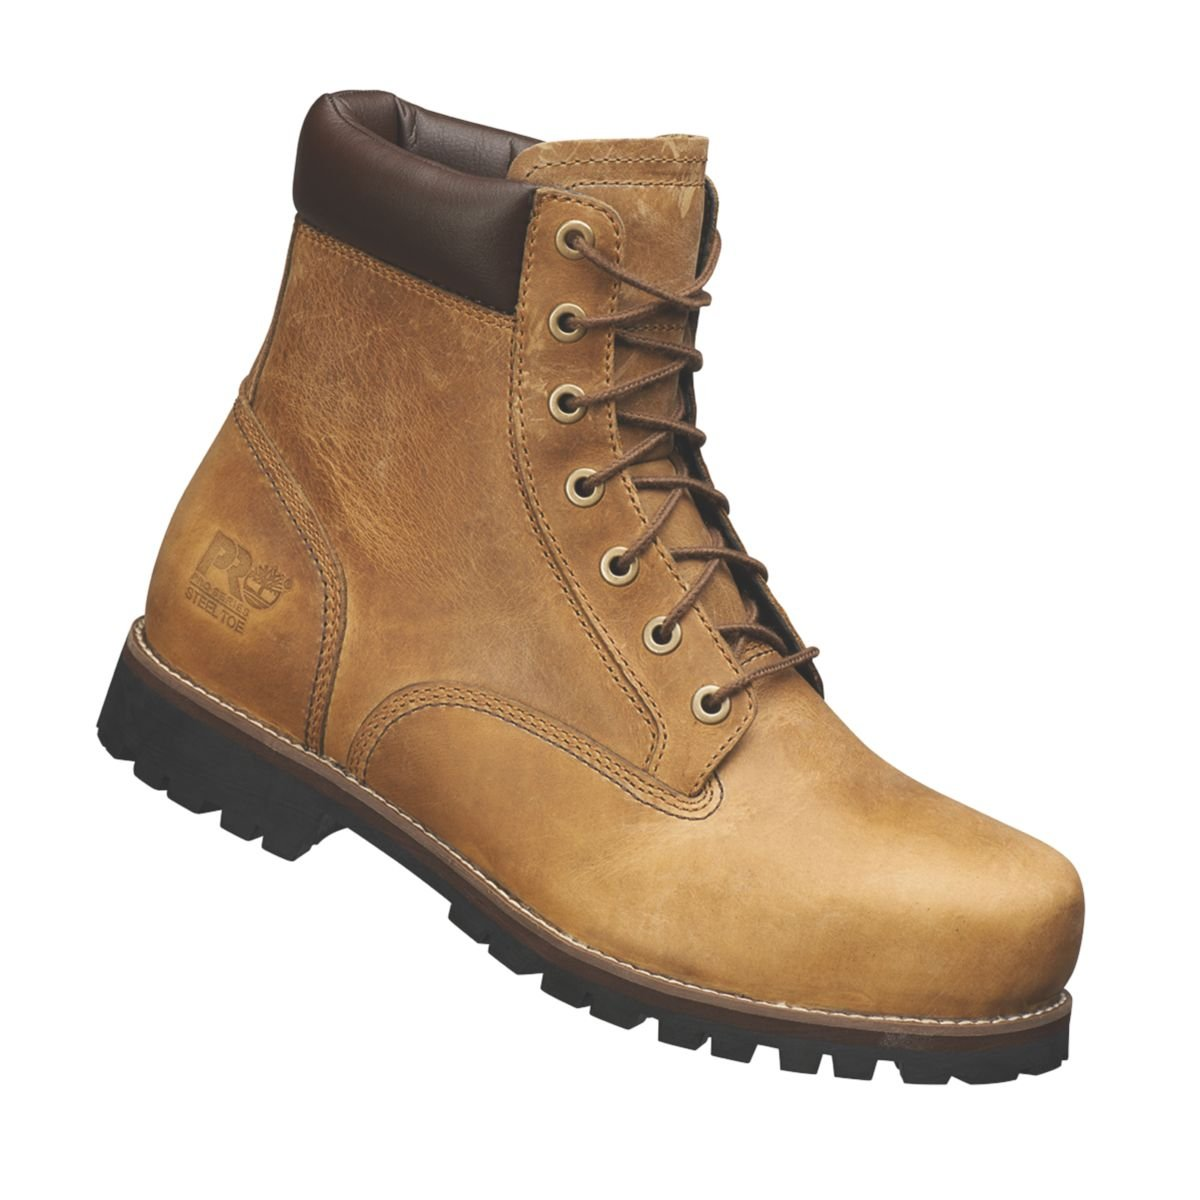 Timberland Pro marrón talla 10 profimaterial botas de seguridad: Amazon.es: Bricolaje y herramientas